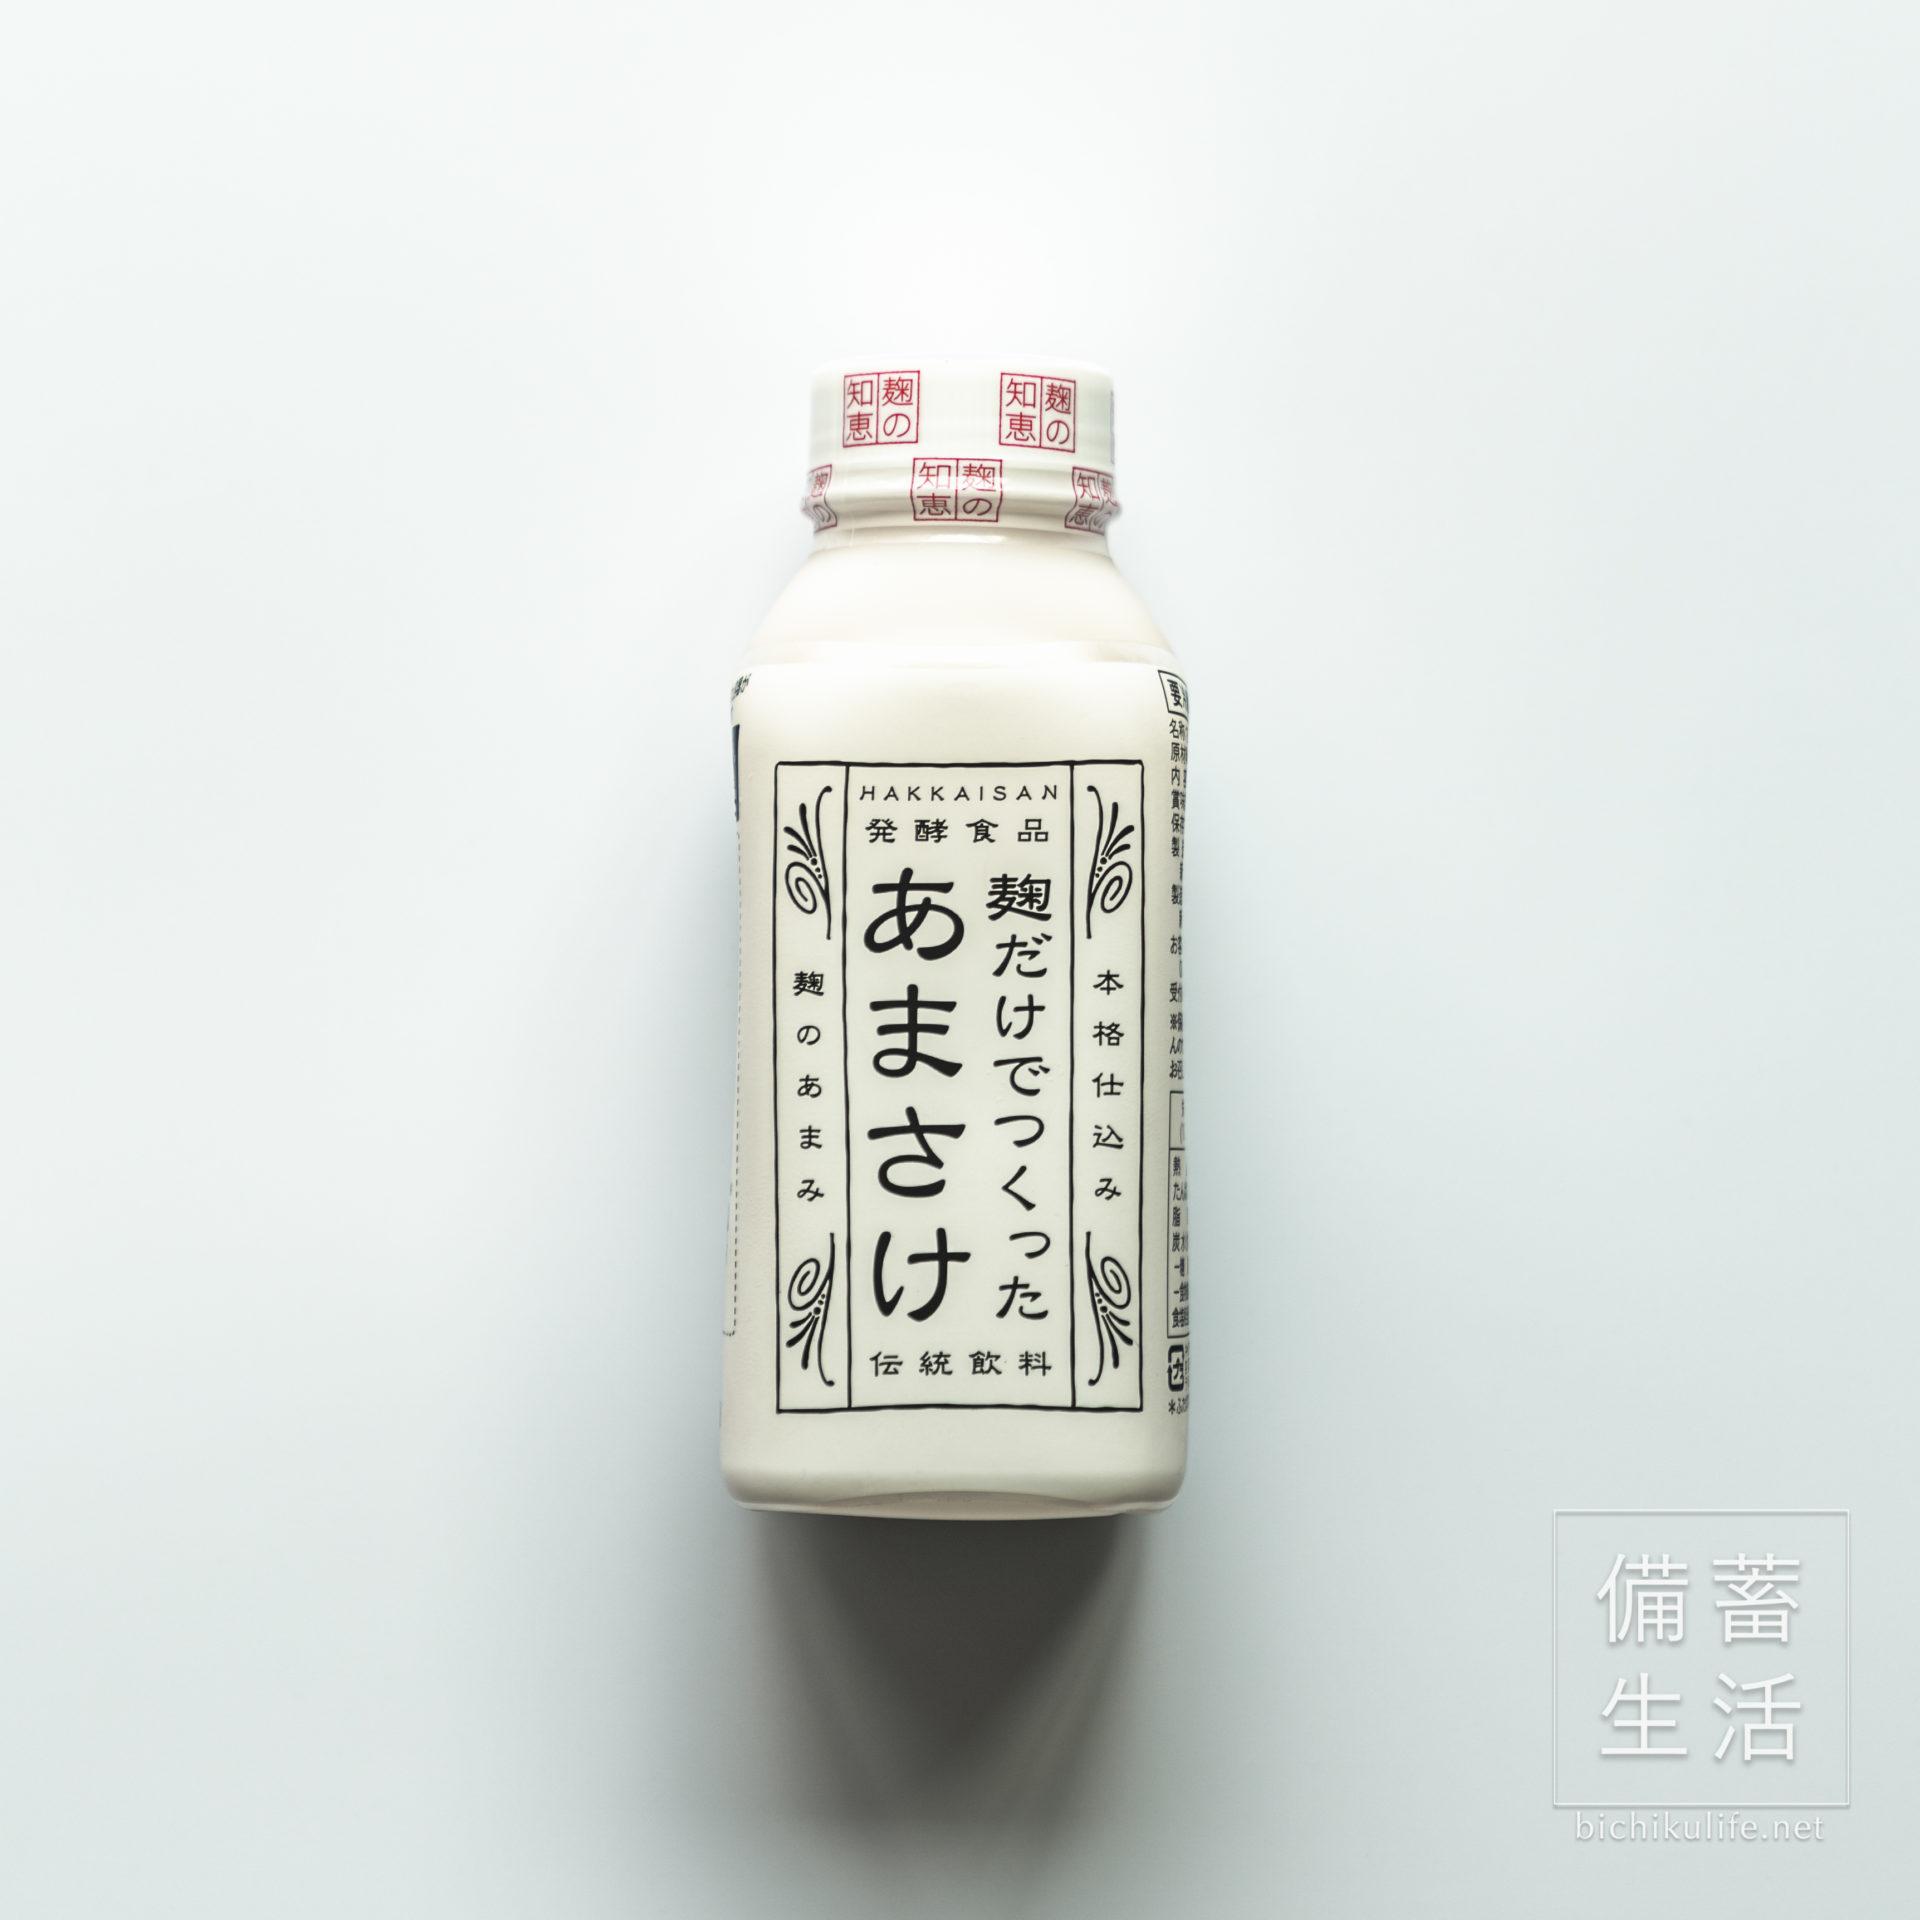 八海山の発酵食品 麹だけでつくった あまさけ(甘酒)